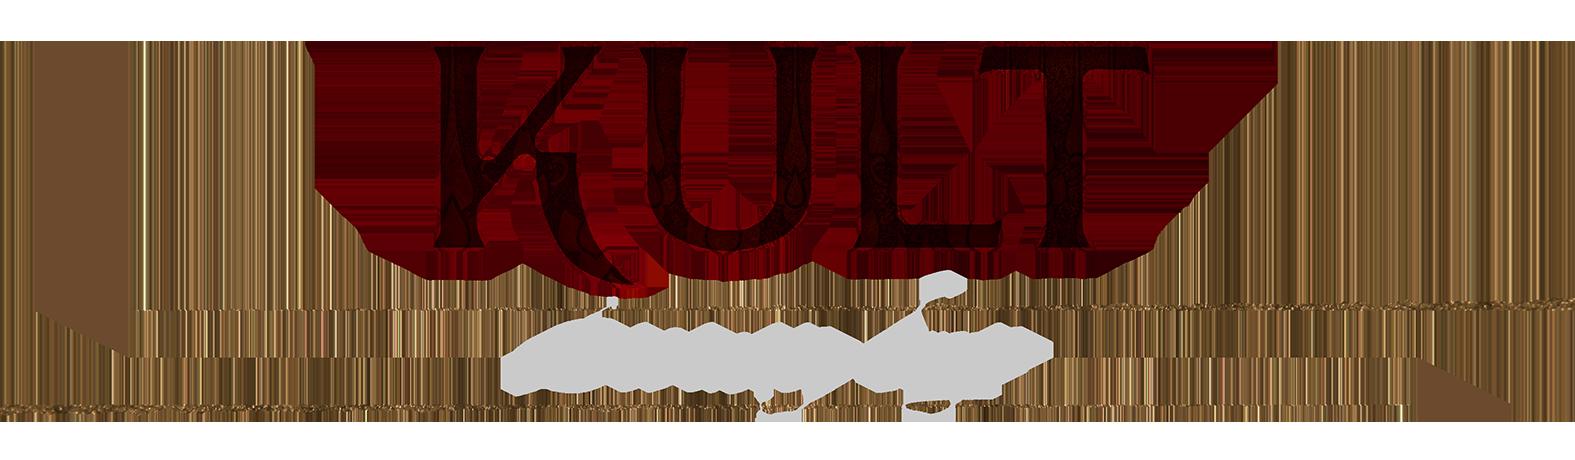 KULT: Divinity Lost (Image: Helmgast AB)